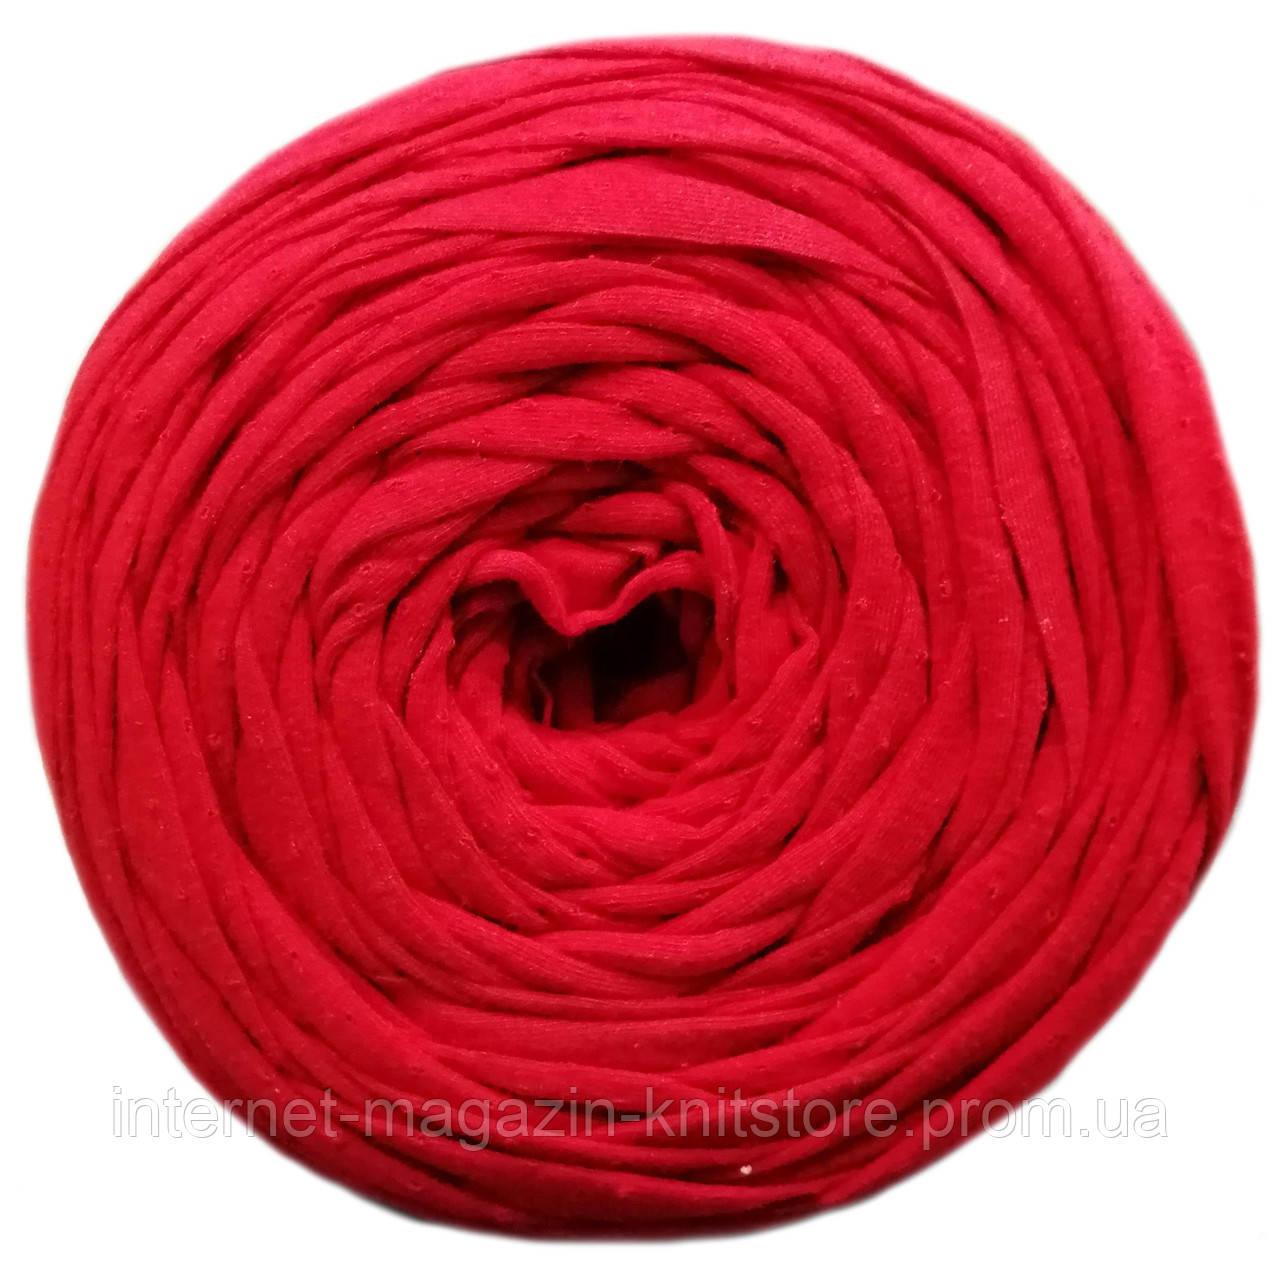 Пряжа трикотажна Therapy T-shirt Yarn L-Size Червоний